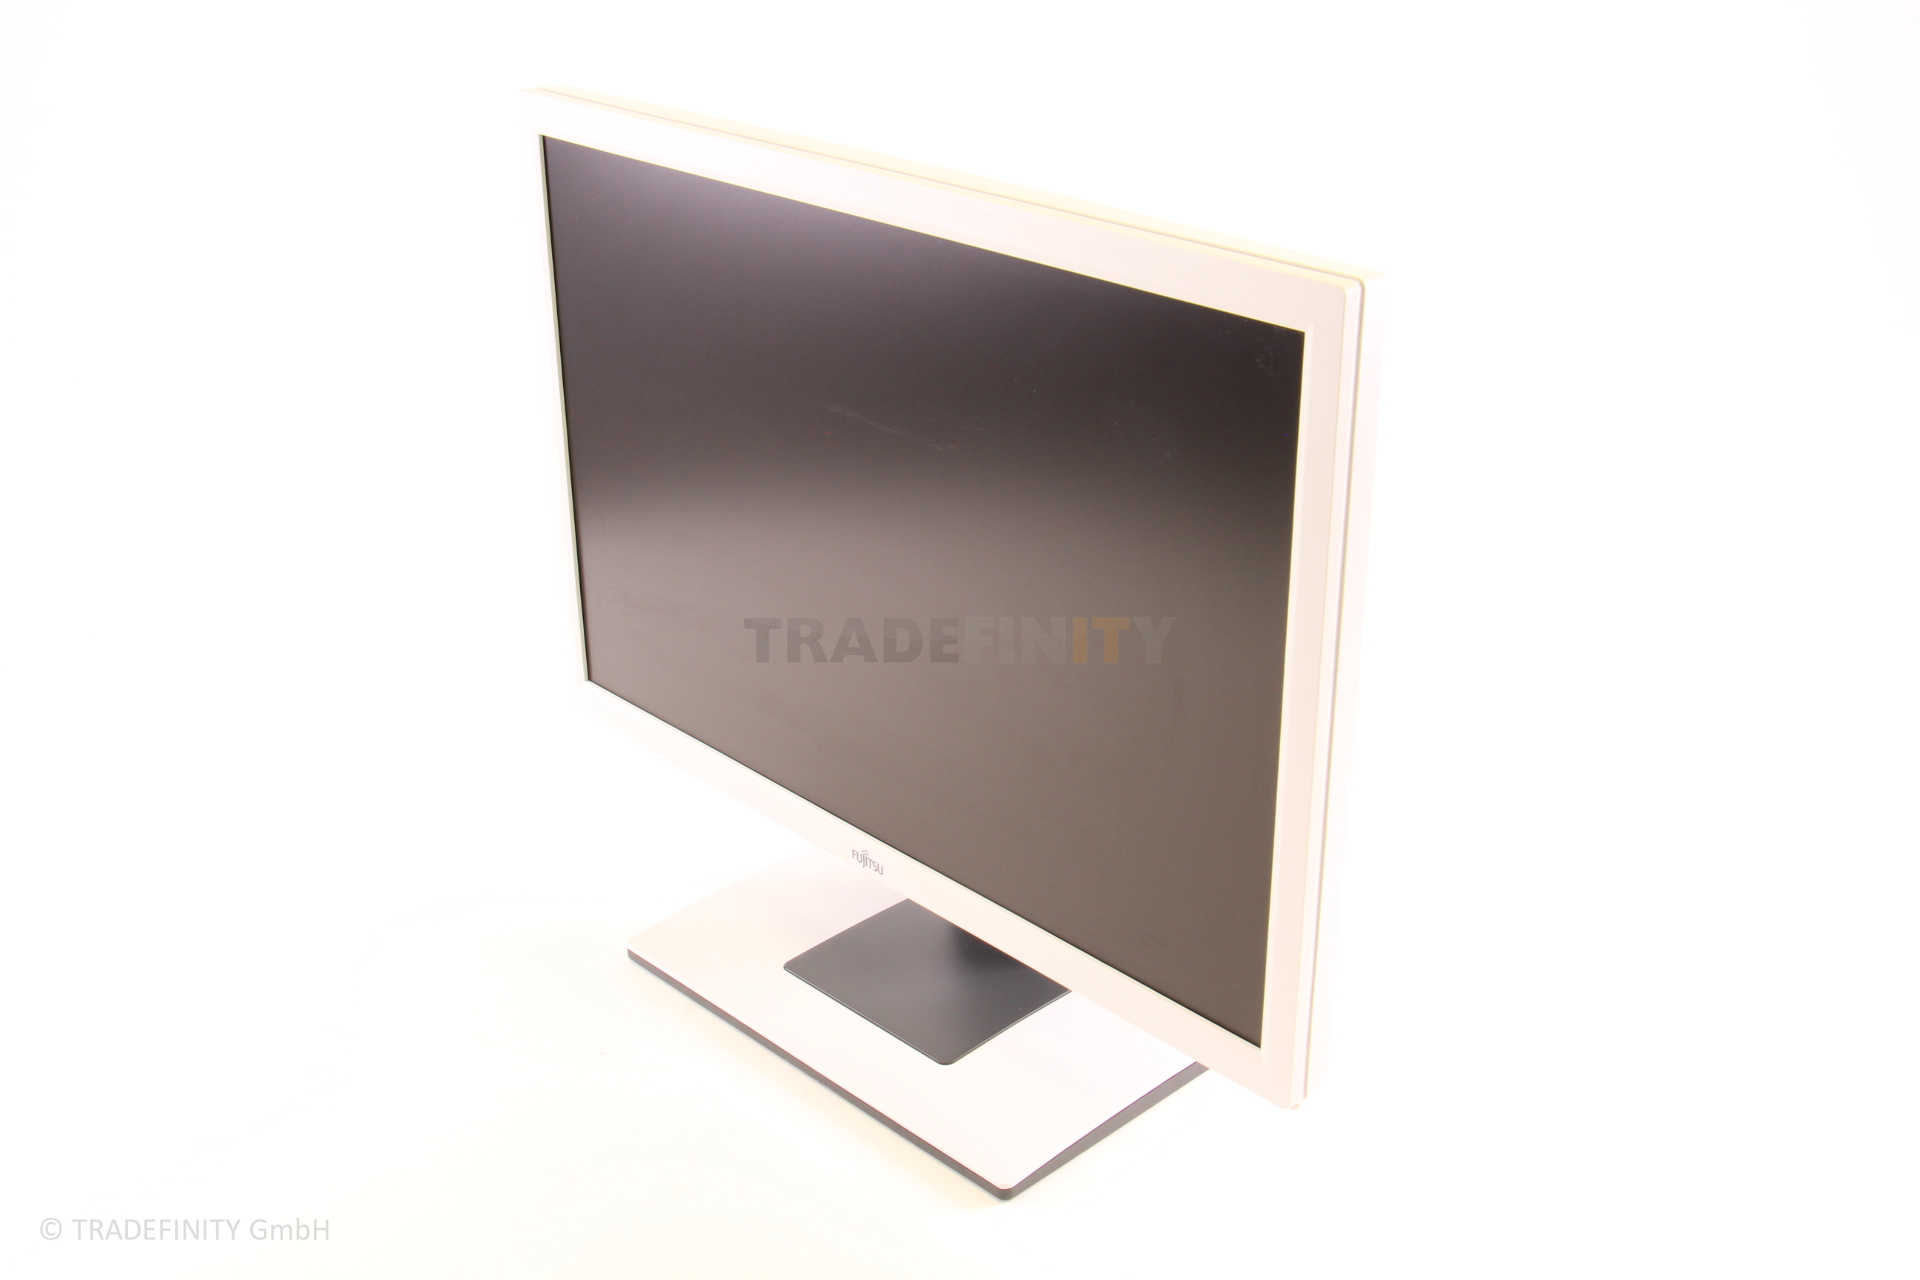 22 LED Flat Panel Monitor